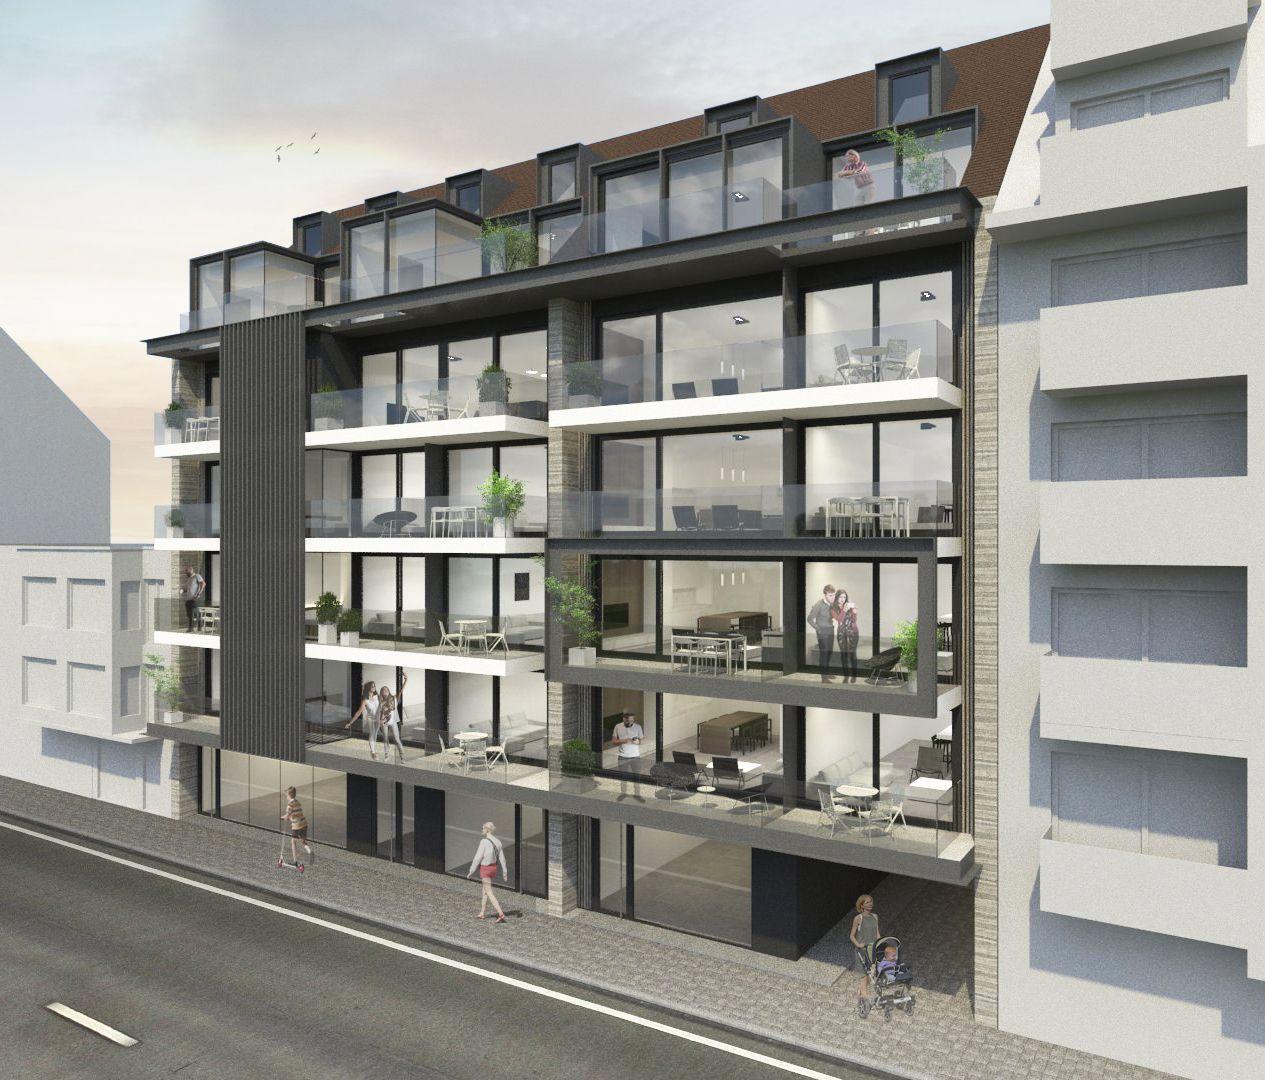 Appartement met 3 slaapkamers - 8659